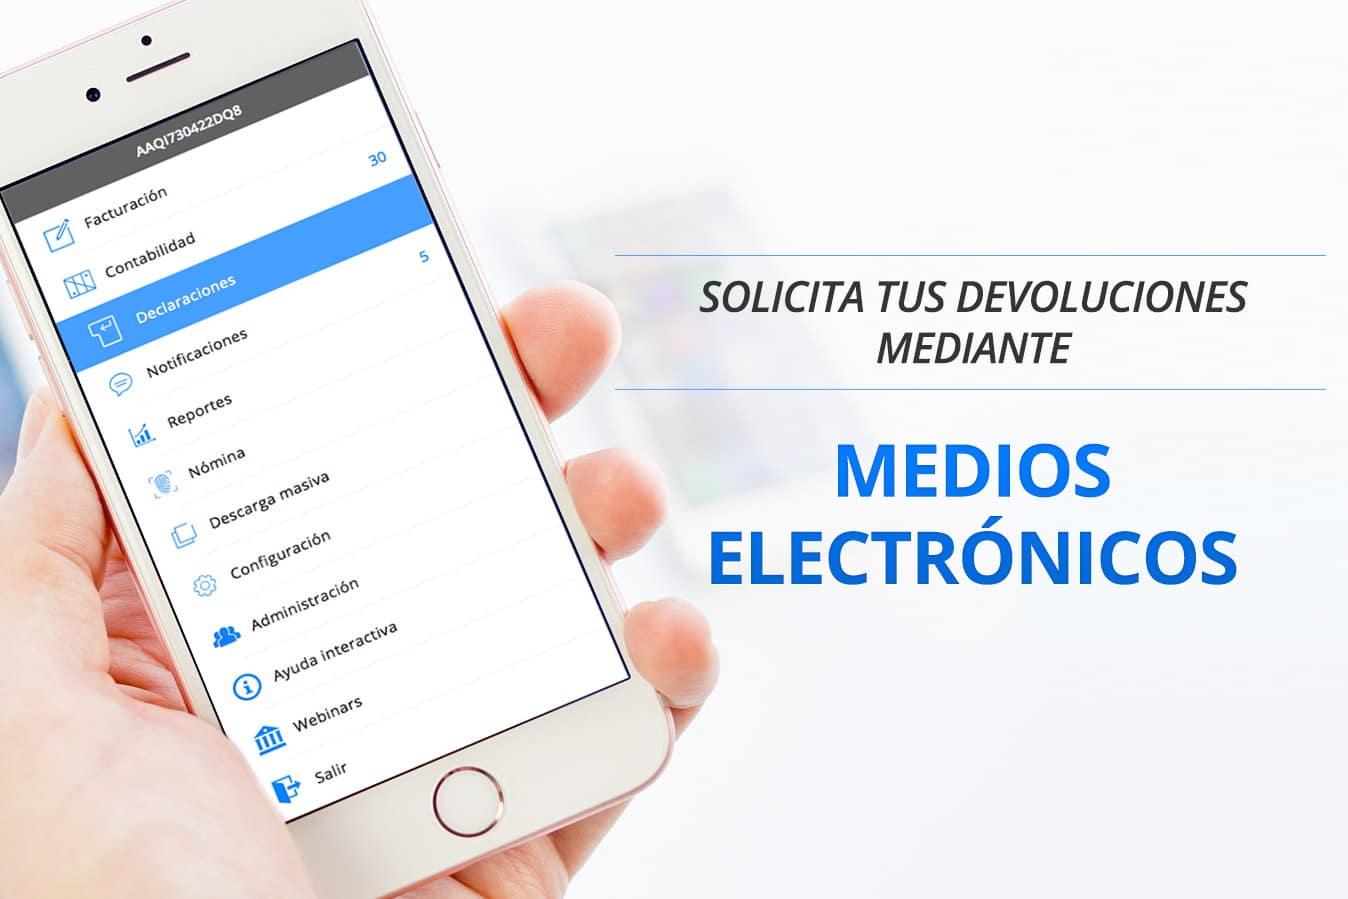 Si tus declaraciones son electrónicas y tienes saldo a favor, puedes solicitar tus devoluciones por medios electrónicos.